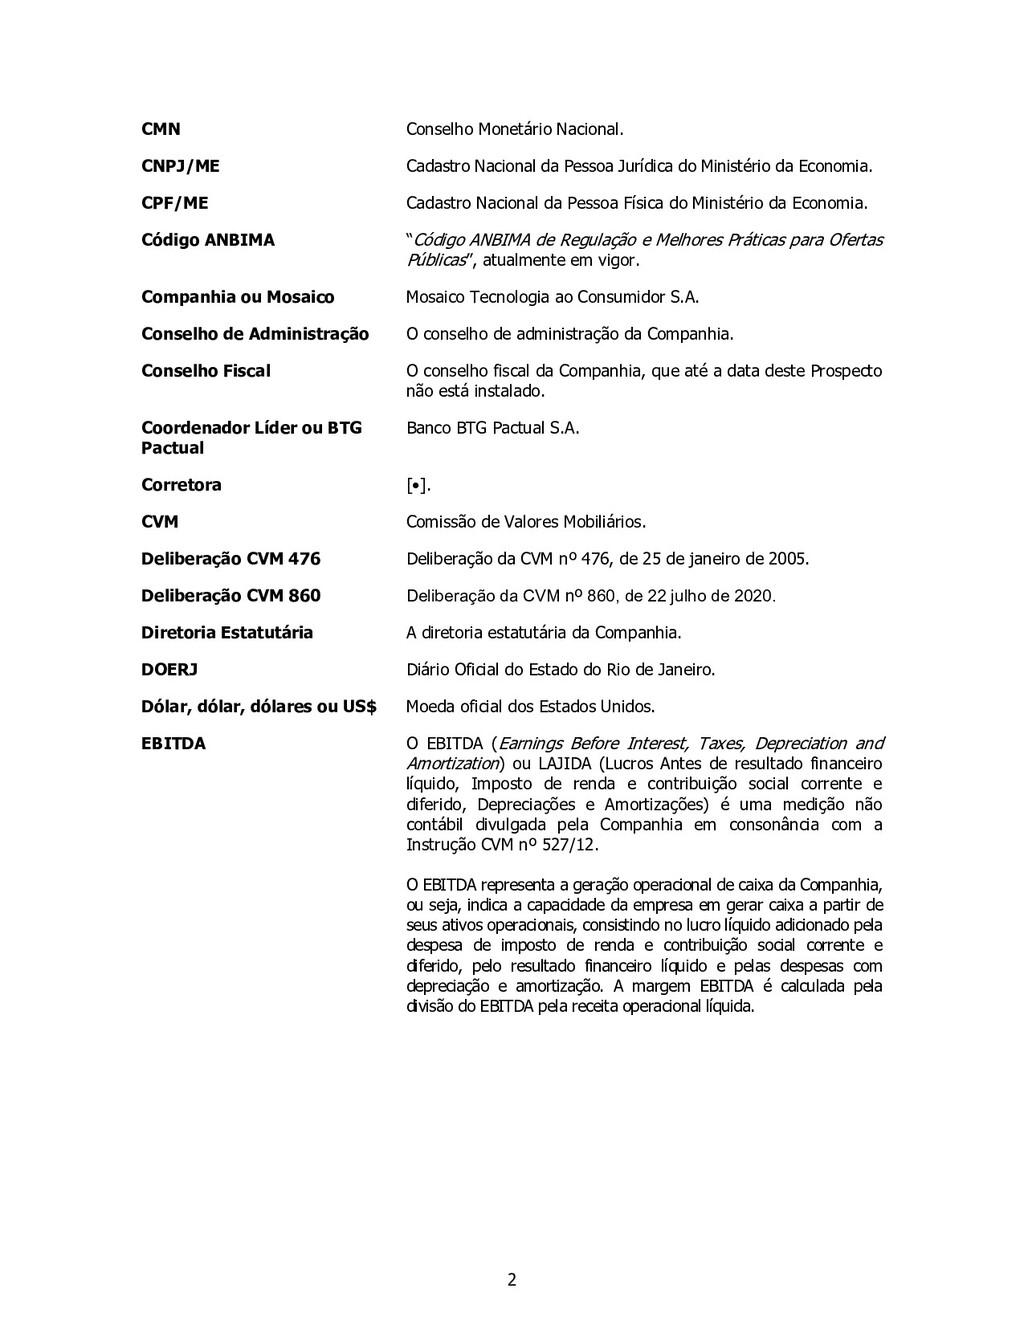 2 CMN Conselho Monetário Nacional. CNPJ/ME Cada...